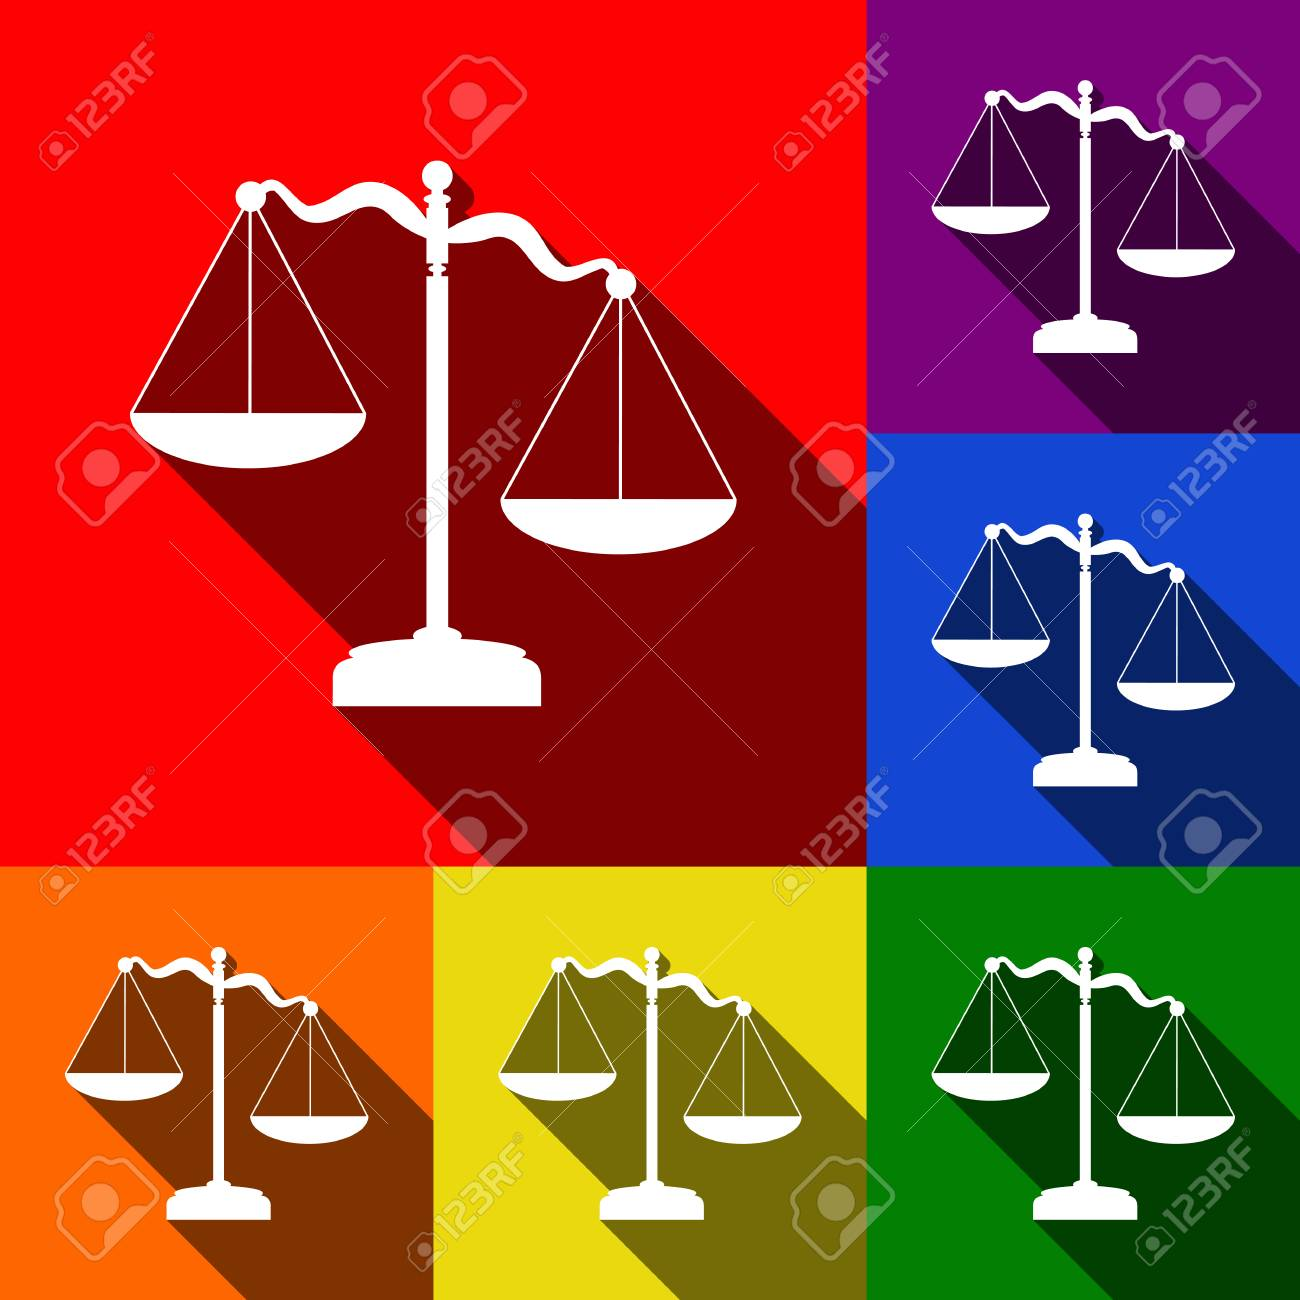 vettore della bilancia del peso della giustizia